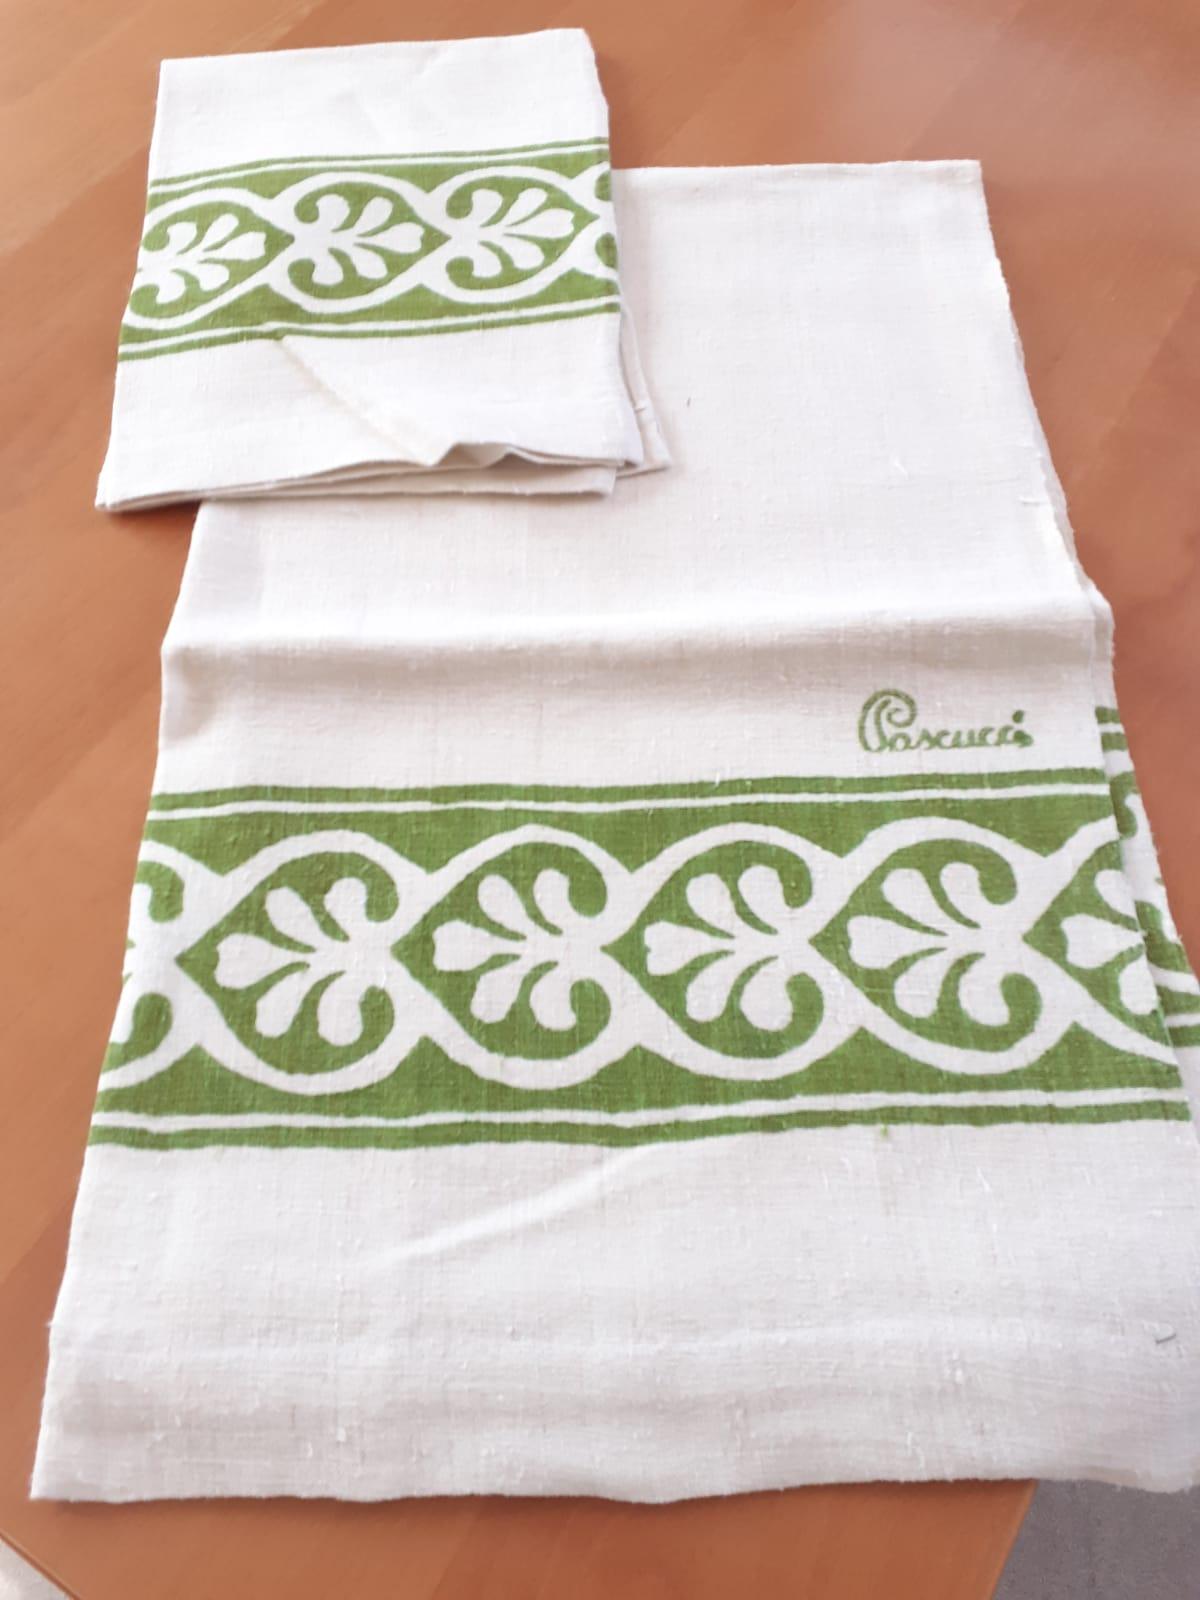 <B style='color:red'>SOLO BOLOGNA E PROVINCIA</B> - Set Verde bagno eleganti, stampati a mano Pascucci - asciugamano grande 70x110 asciugamano piccolo 45x65